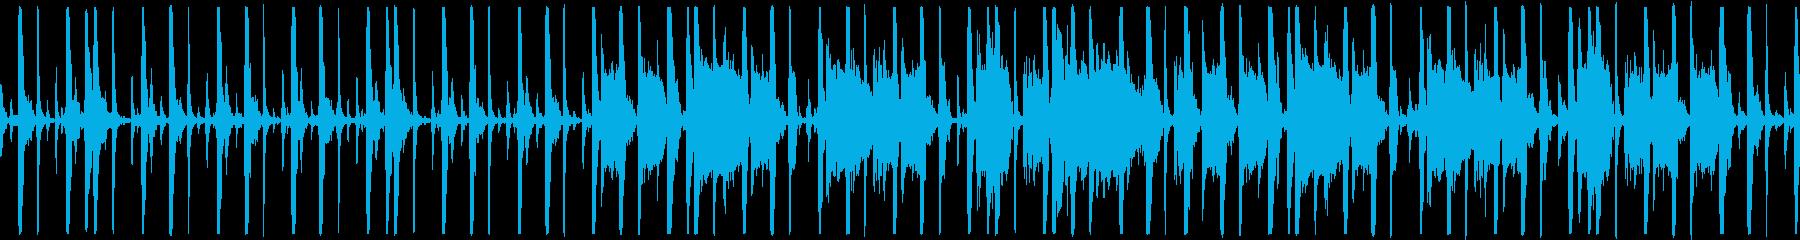 待機画面にピッタリループ仕様のFunkの再生済みの波形